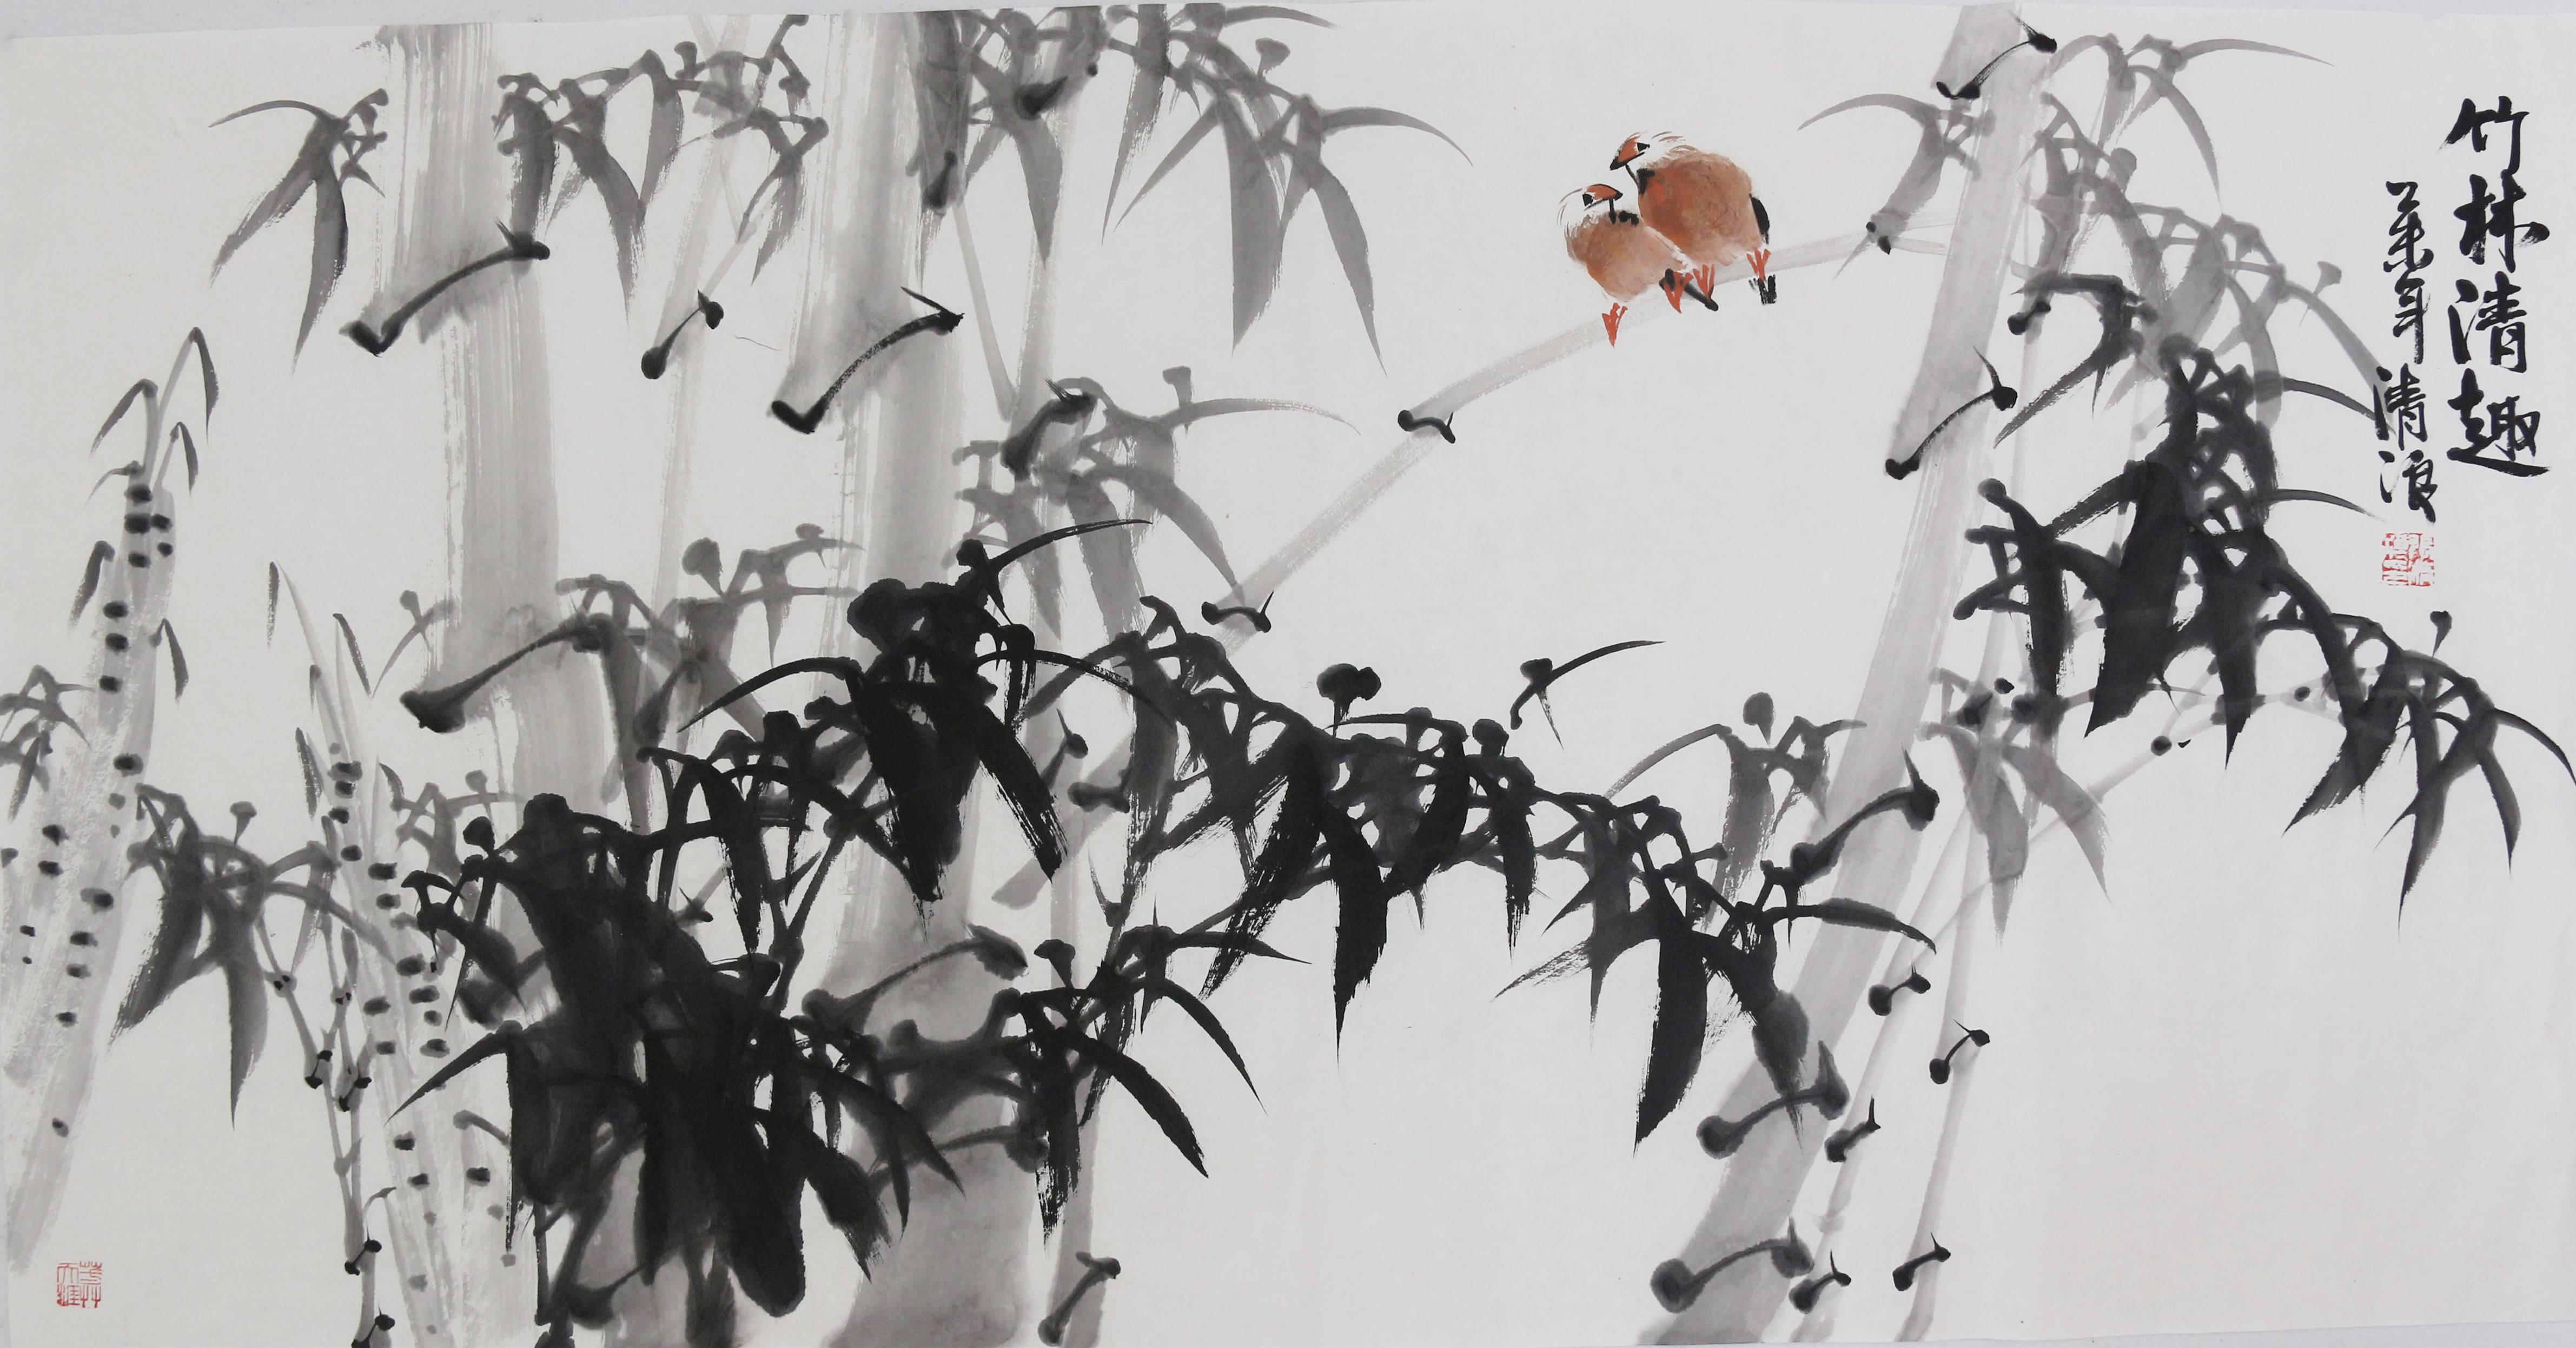 中国书画 国画 水墨画 > 竹林清趣(横)   编号:p06850 类别:水墨画